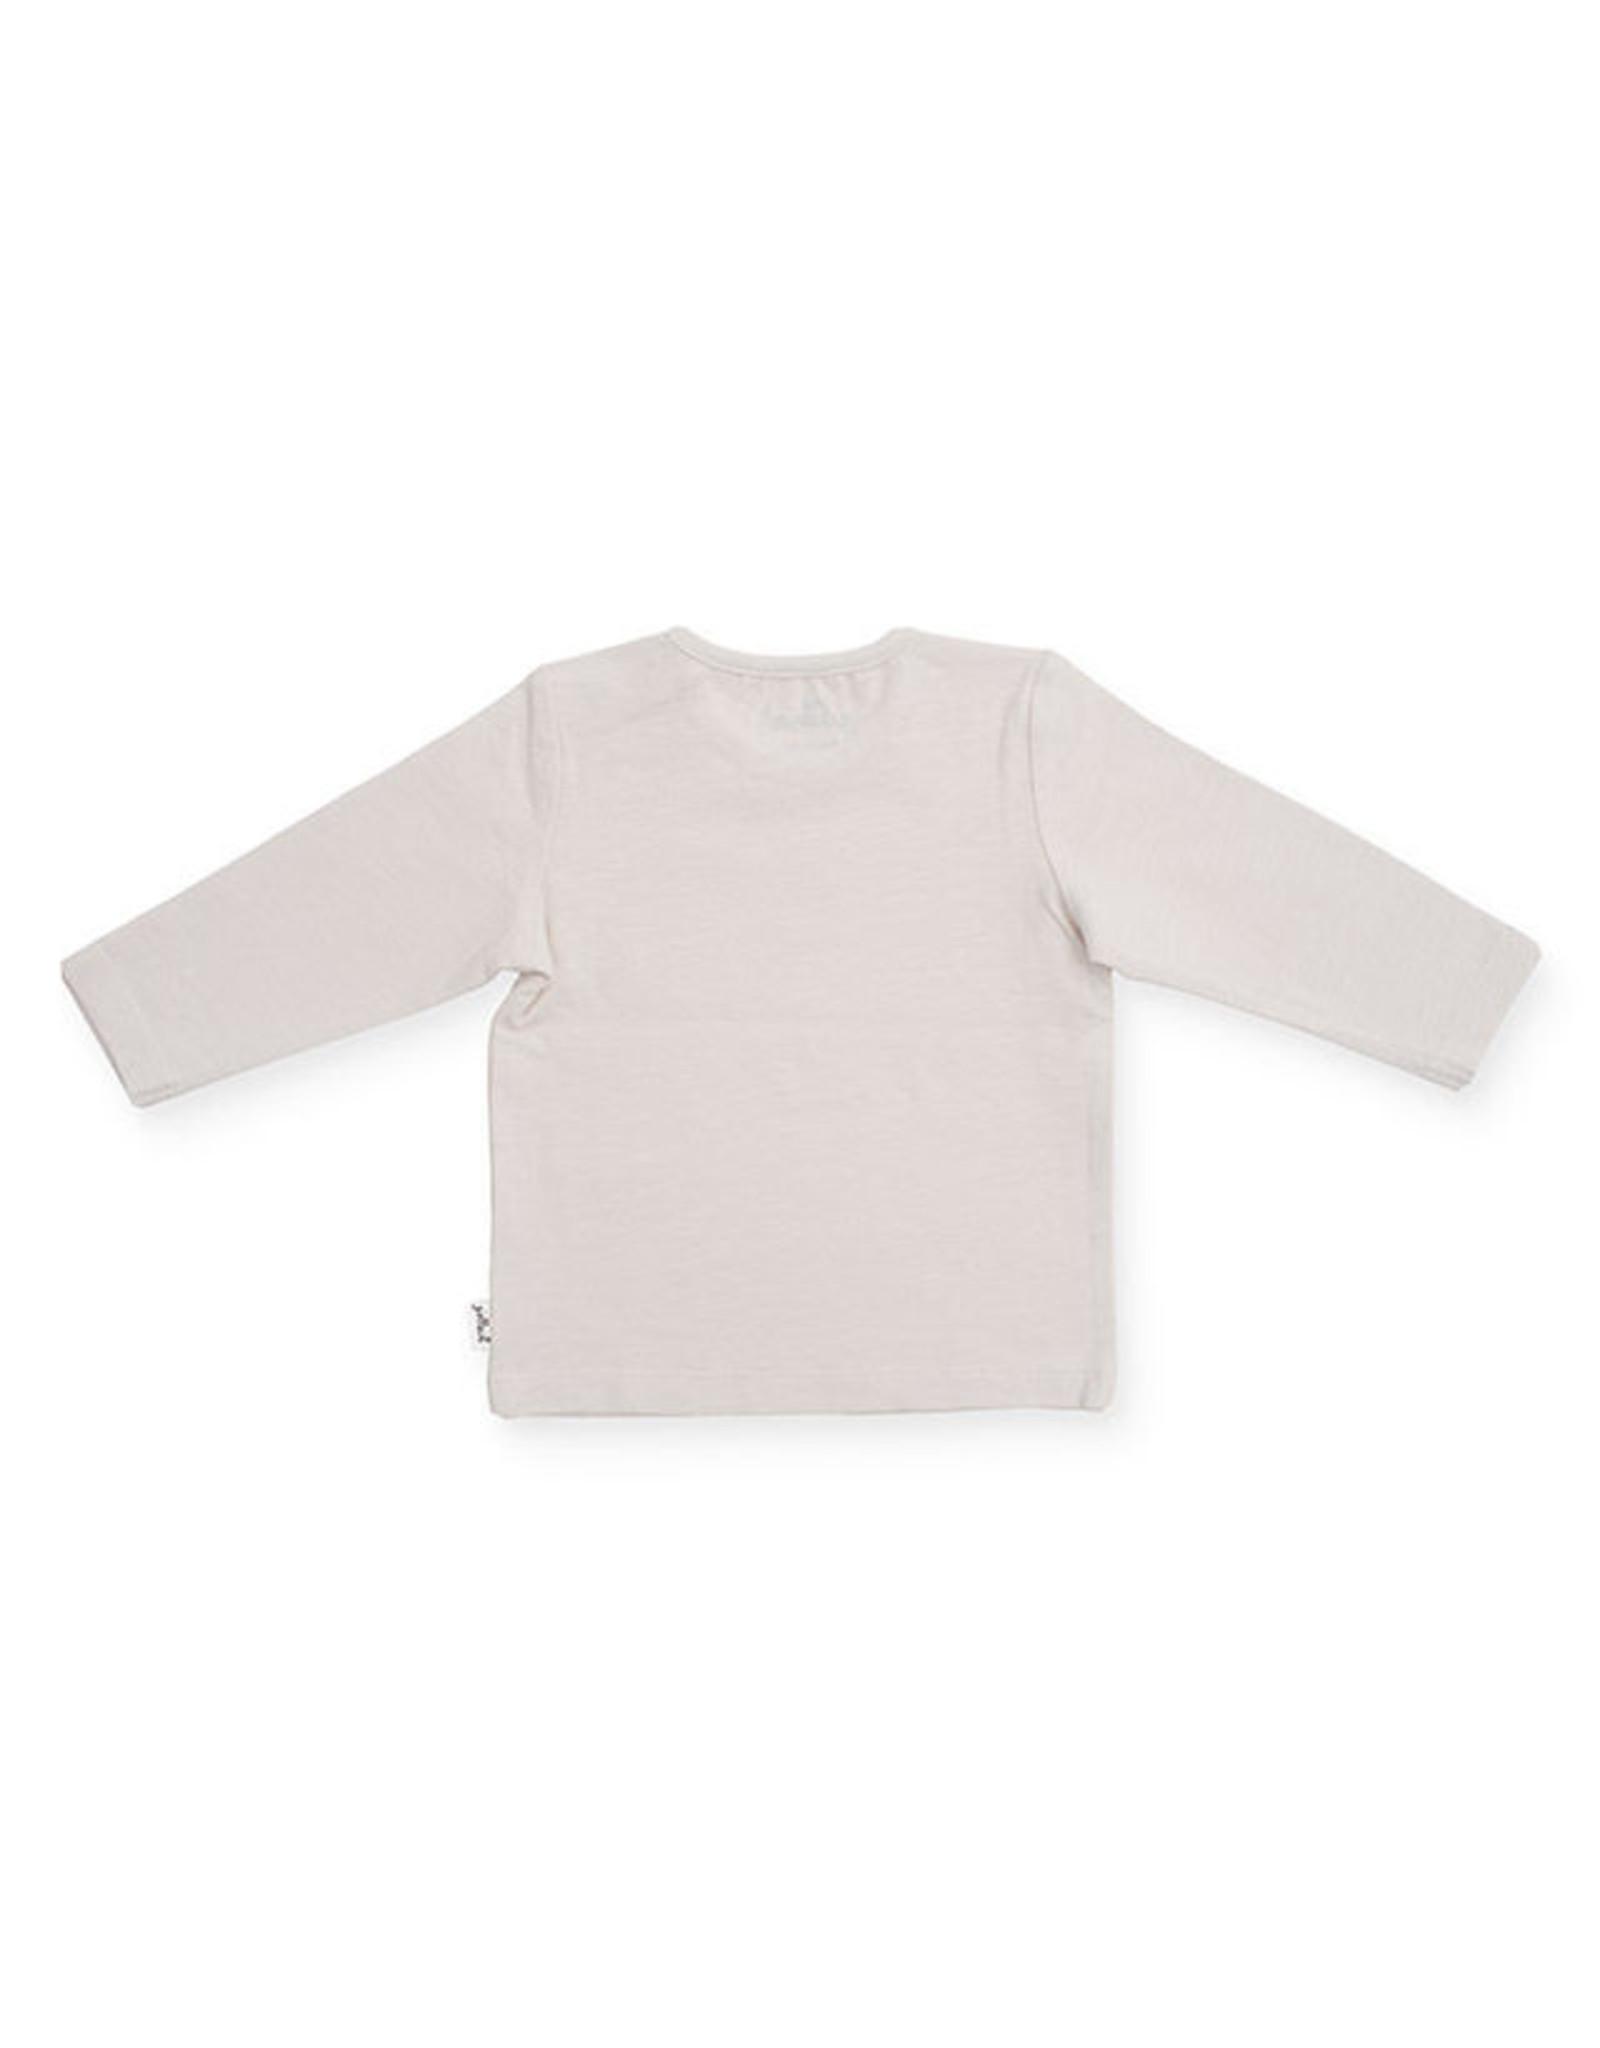 Jollein Jollein Shirt lange mouw FOREST OFF WHITE Maat 50-56